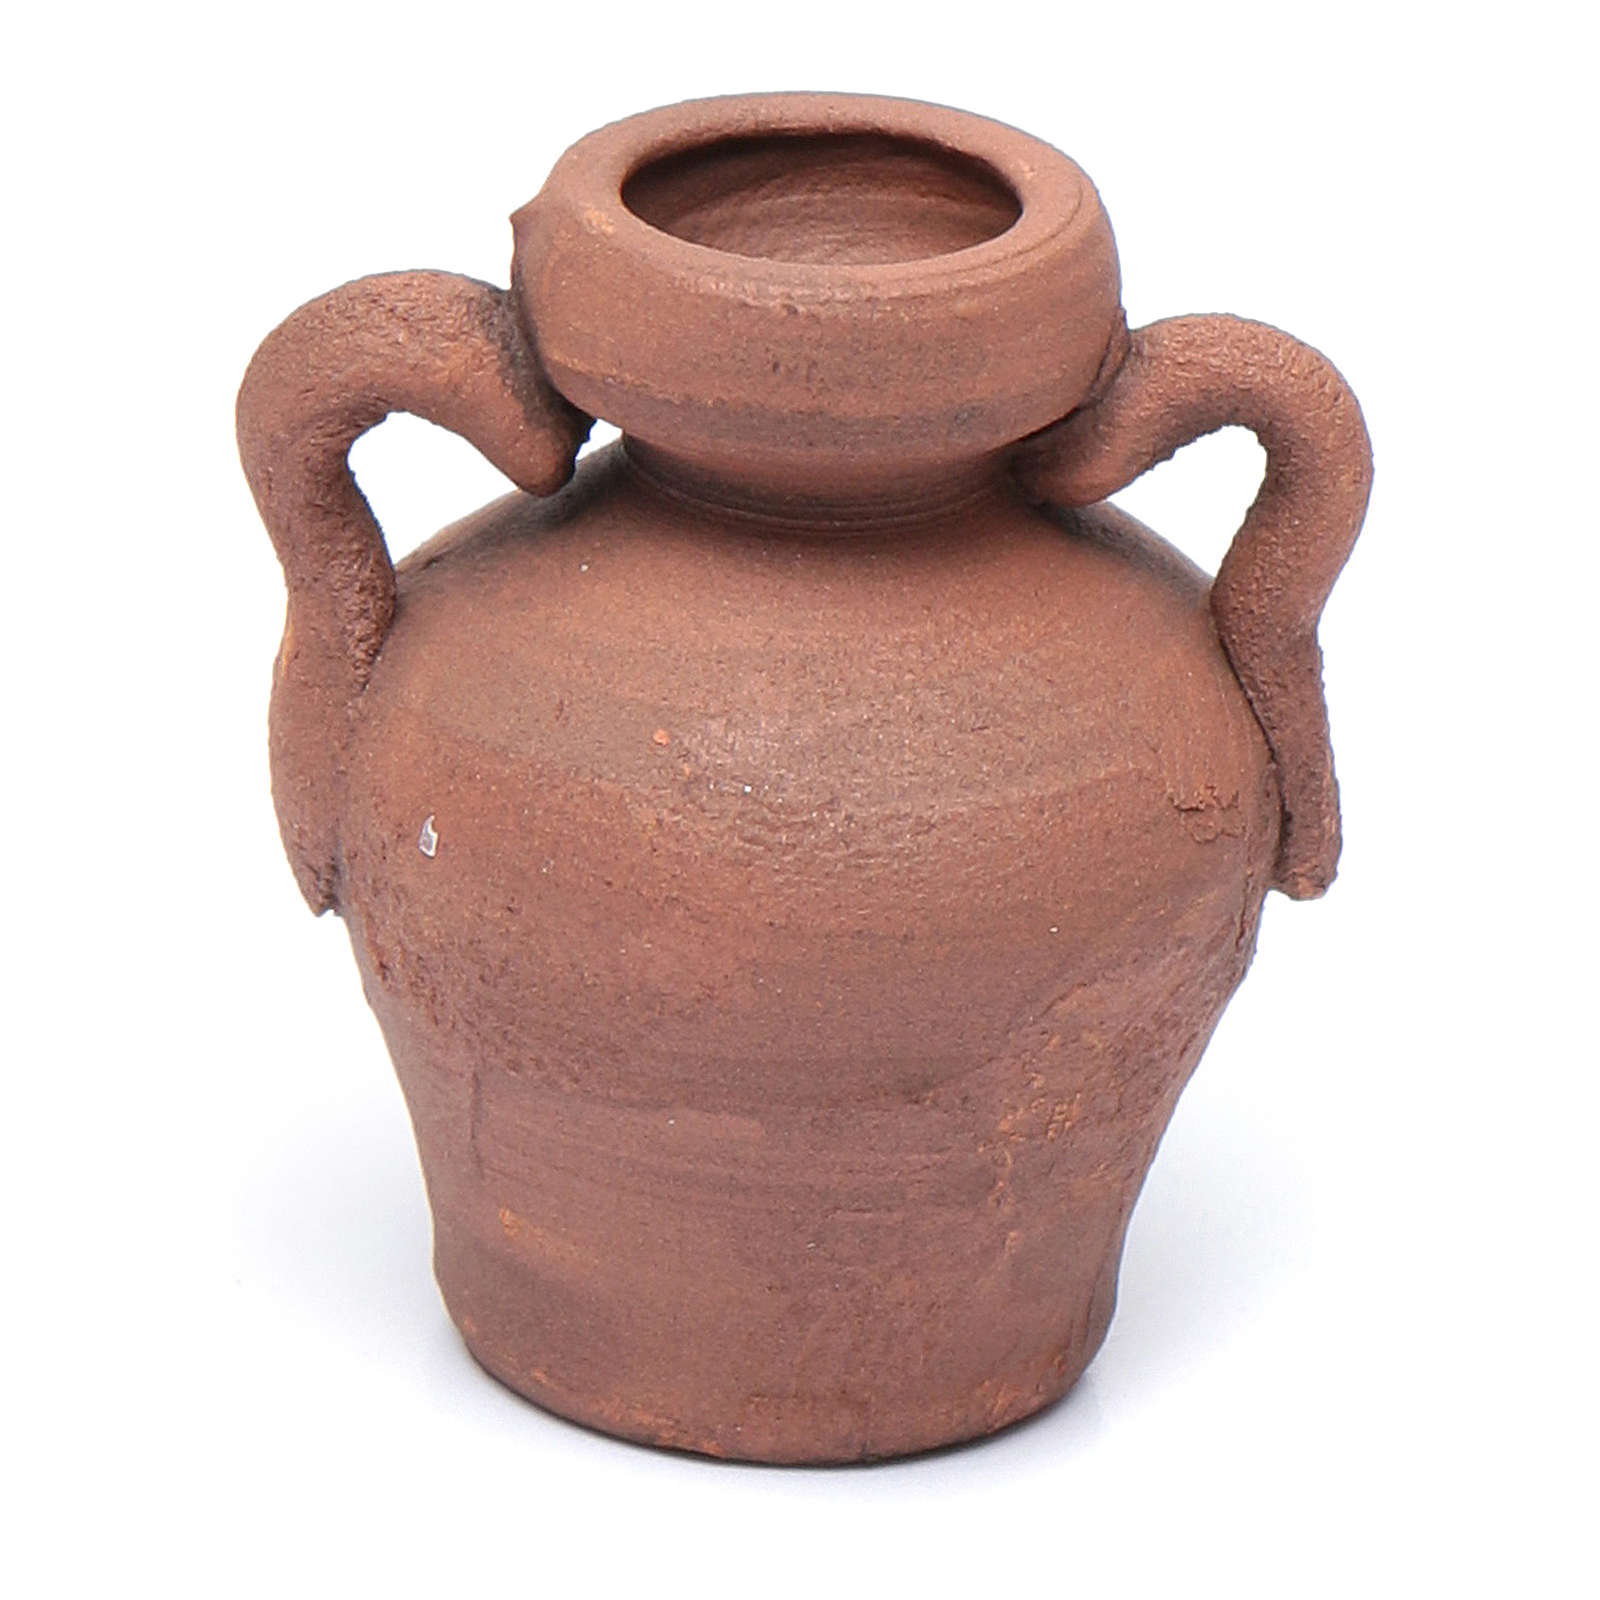 Amfora ceramika rustykalny styl h rzeczywista 2,5 cm różne modele 4